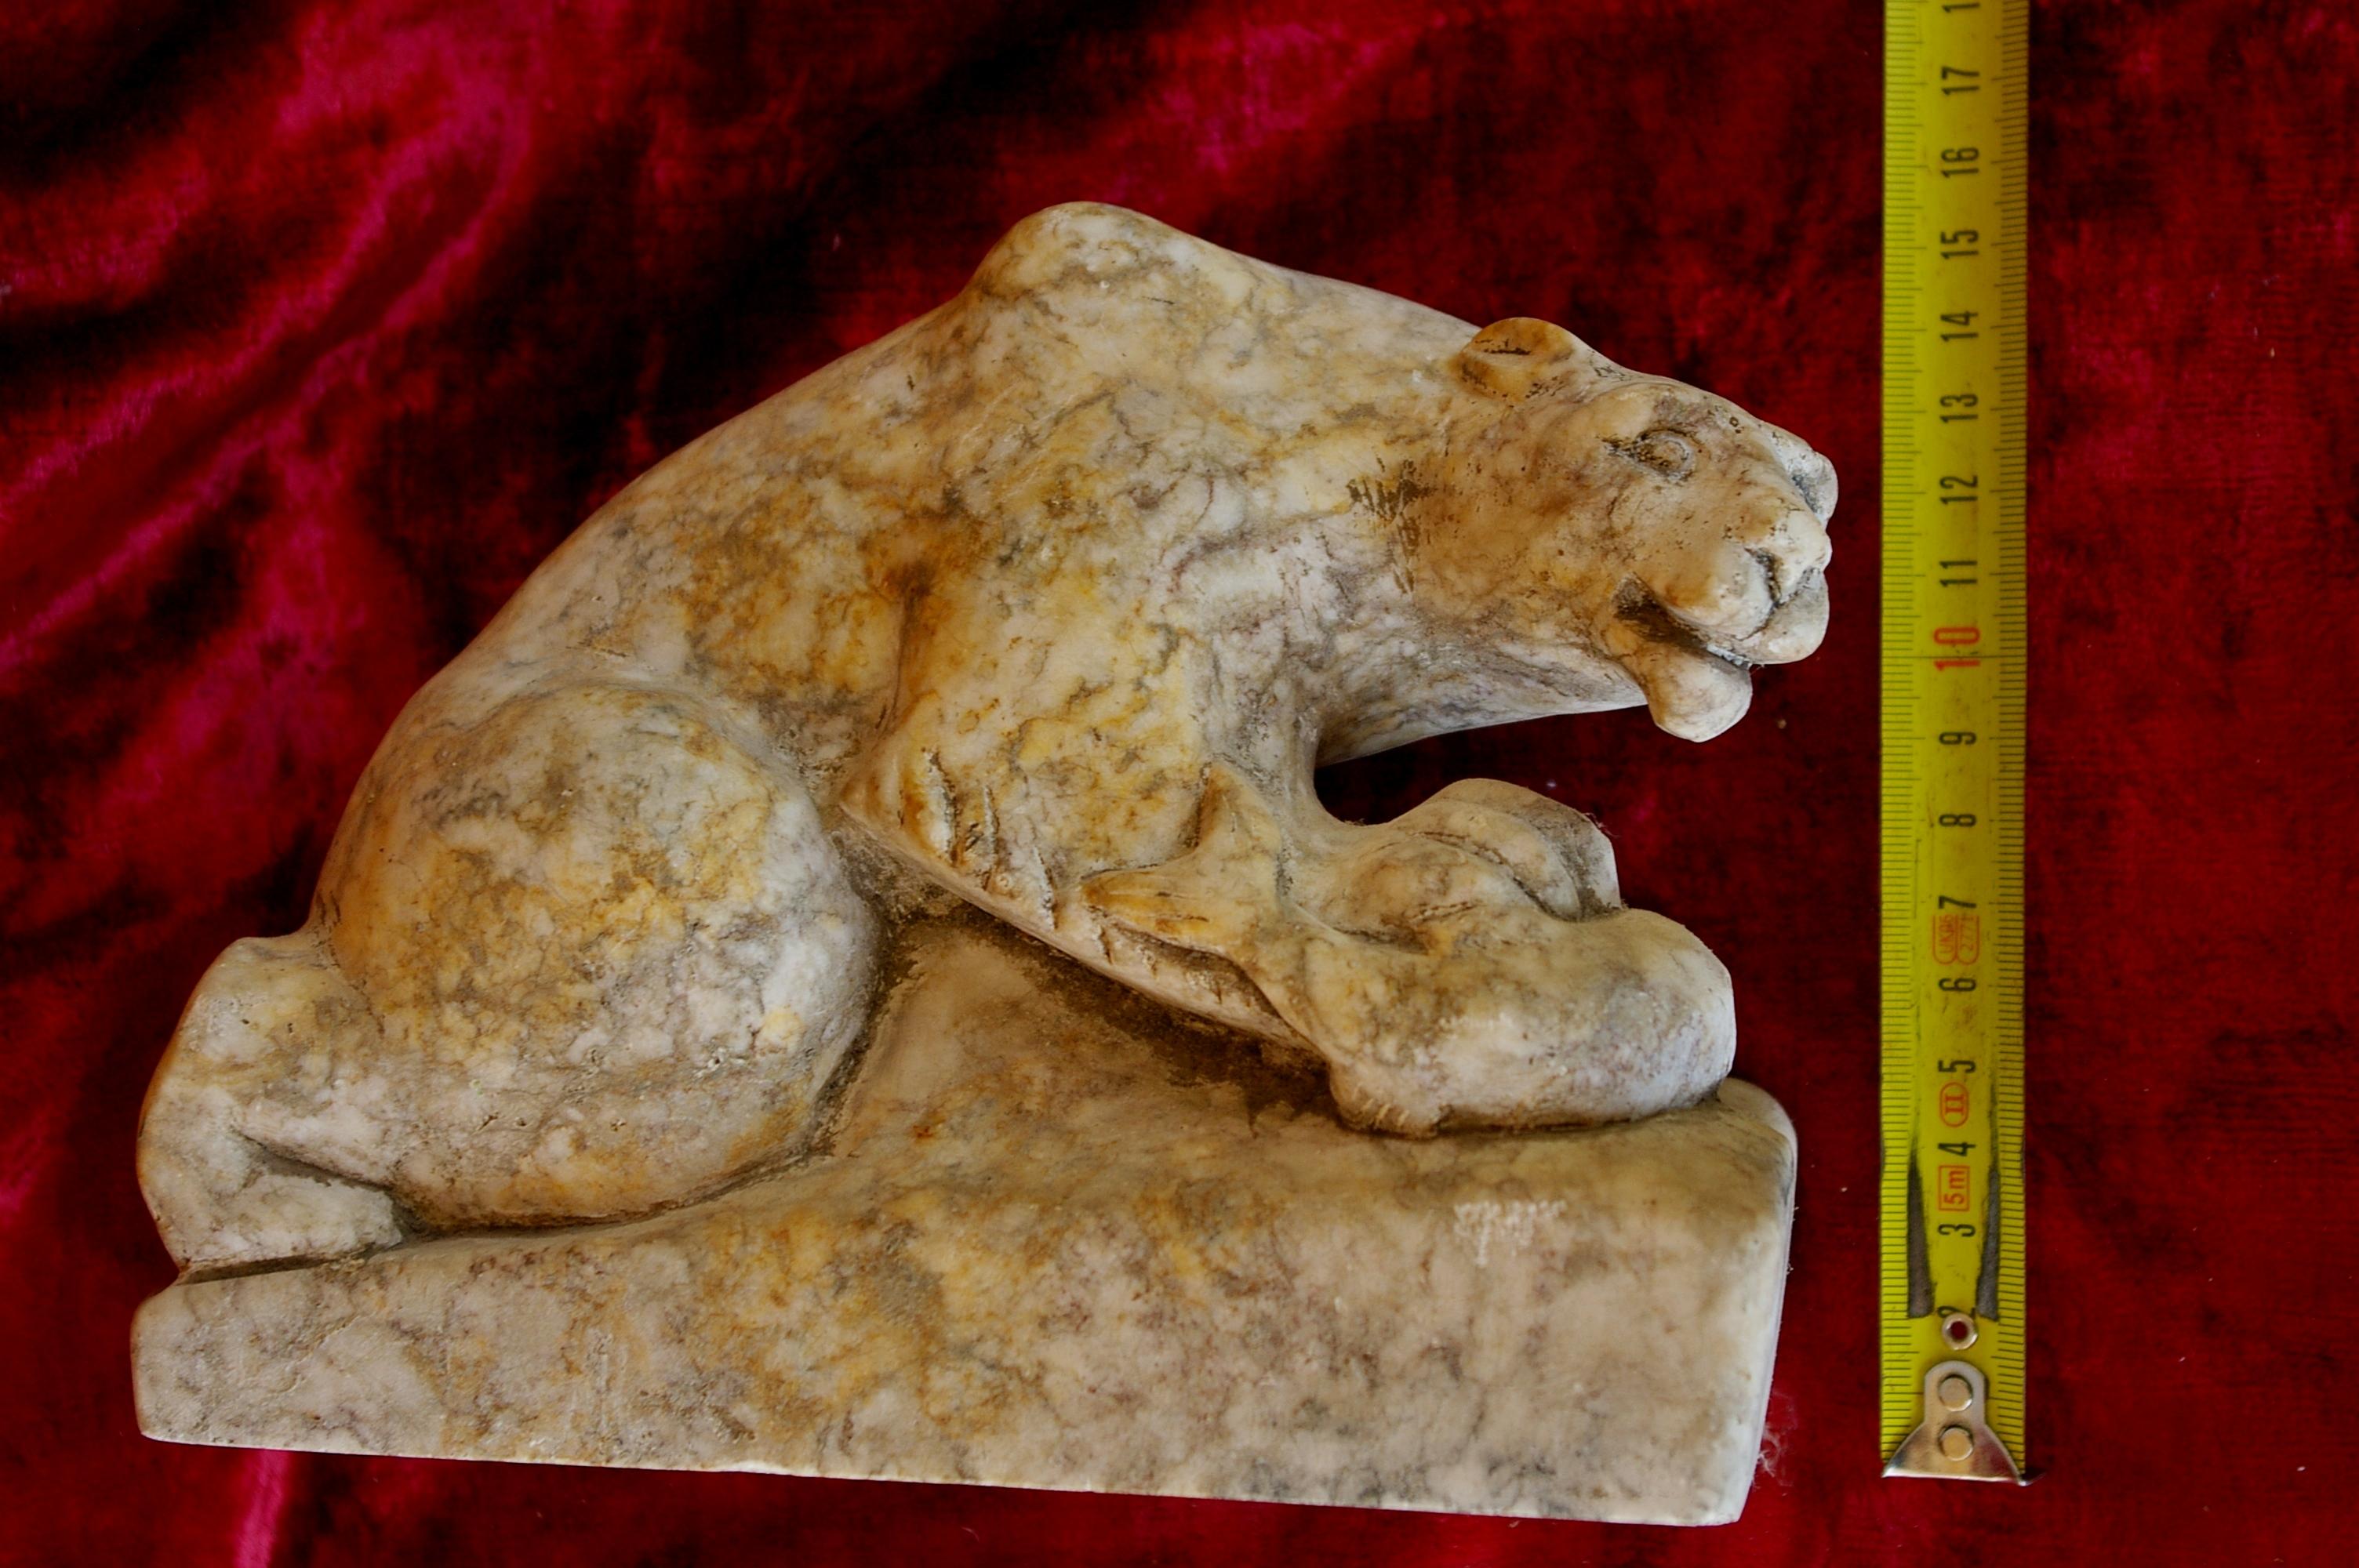 Скульптура Медведь, материал камень, высота 15 см., ширина 10 см., длина 20 см. - 5